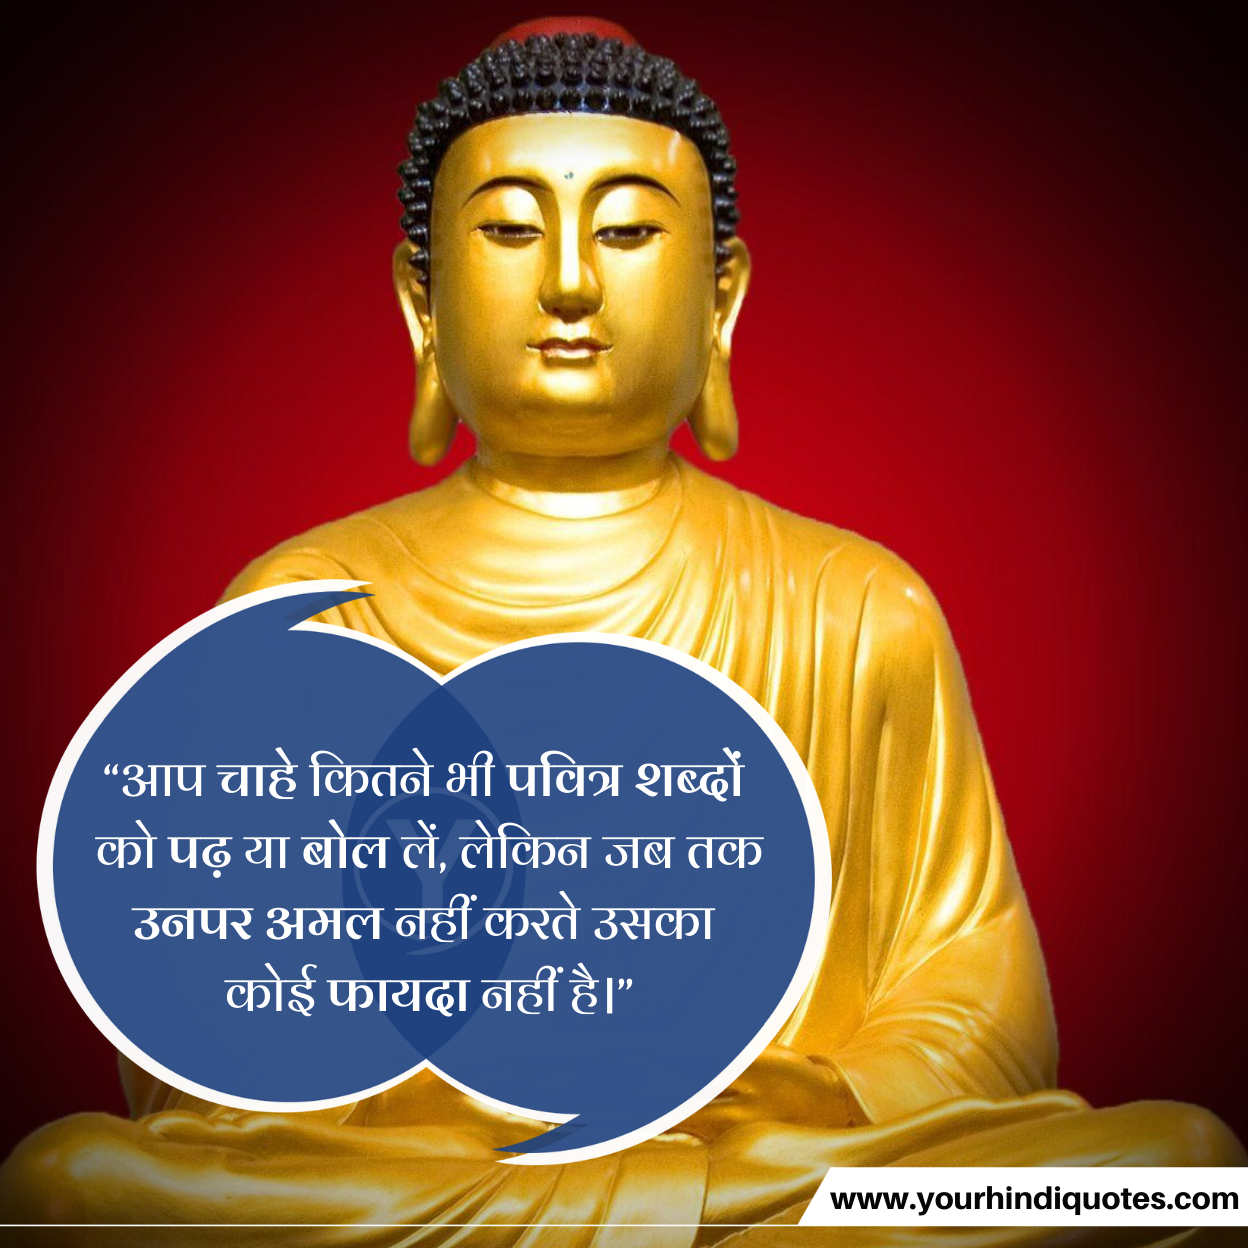 Gautam Buddha Hindi Updesh Photo